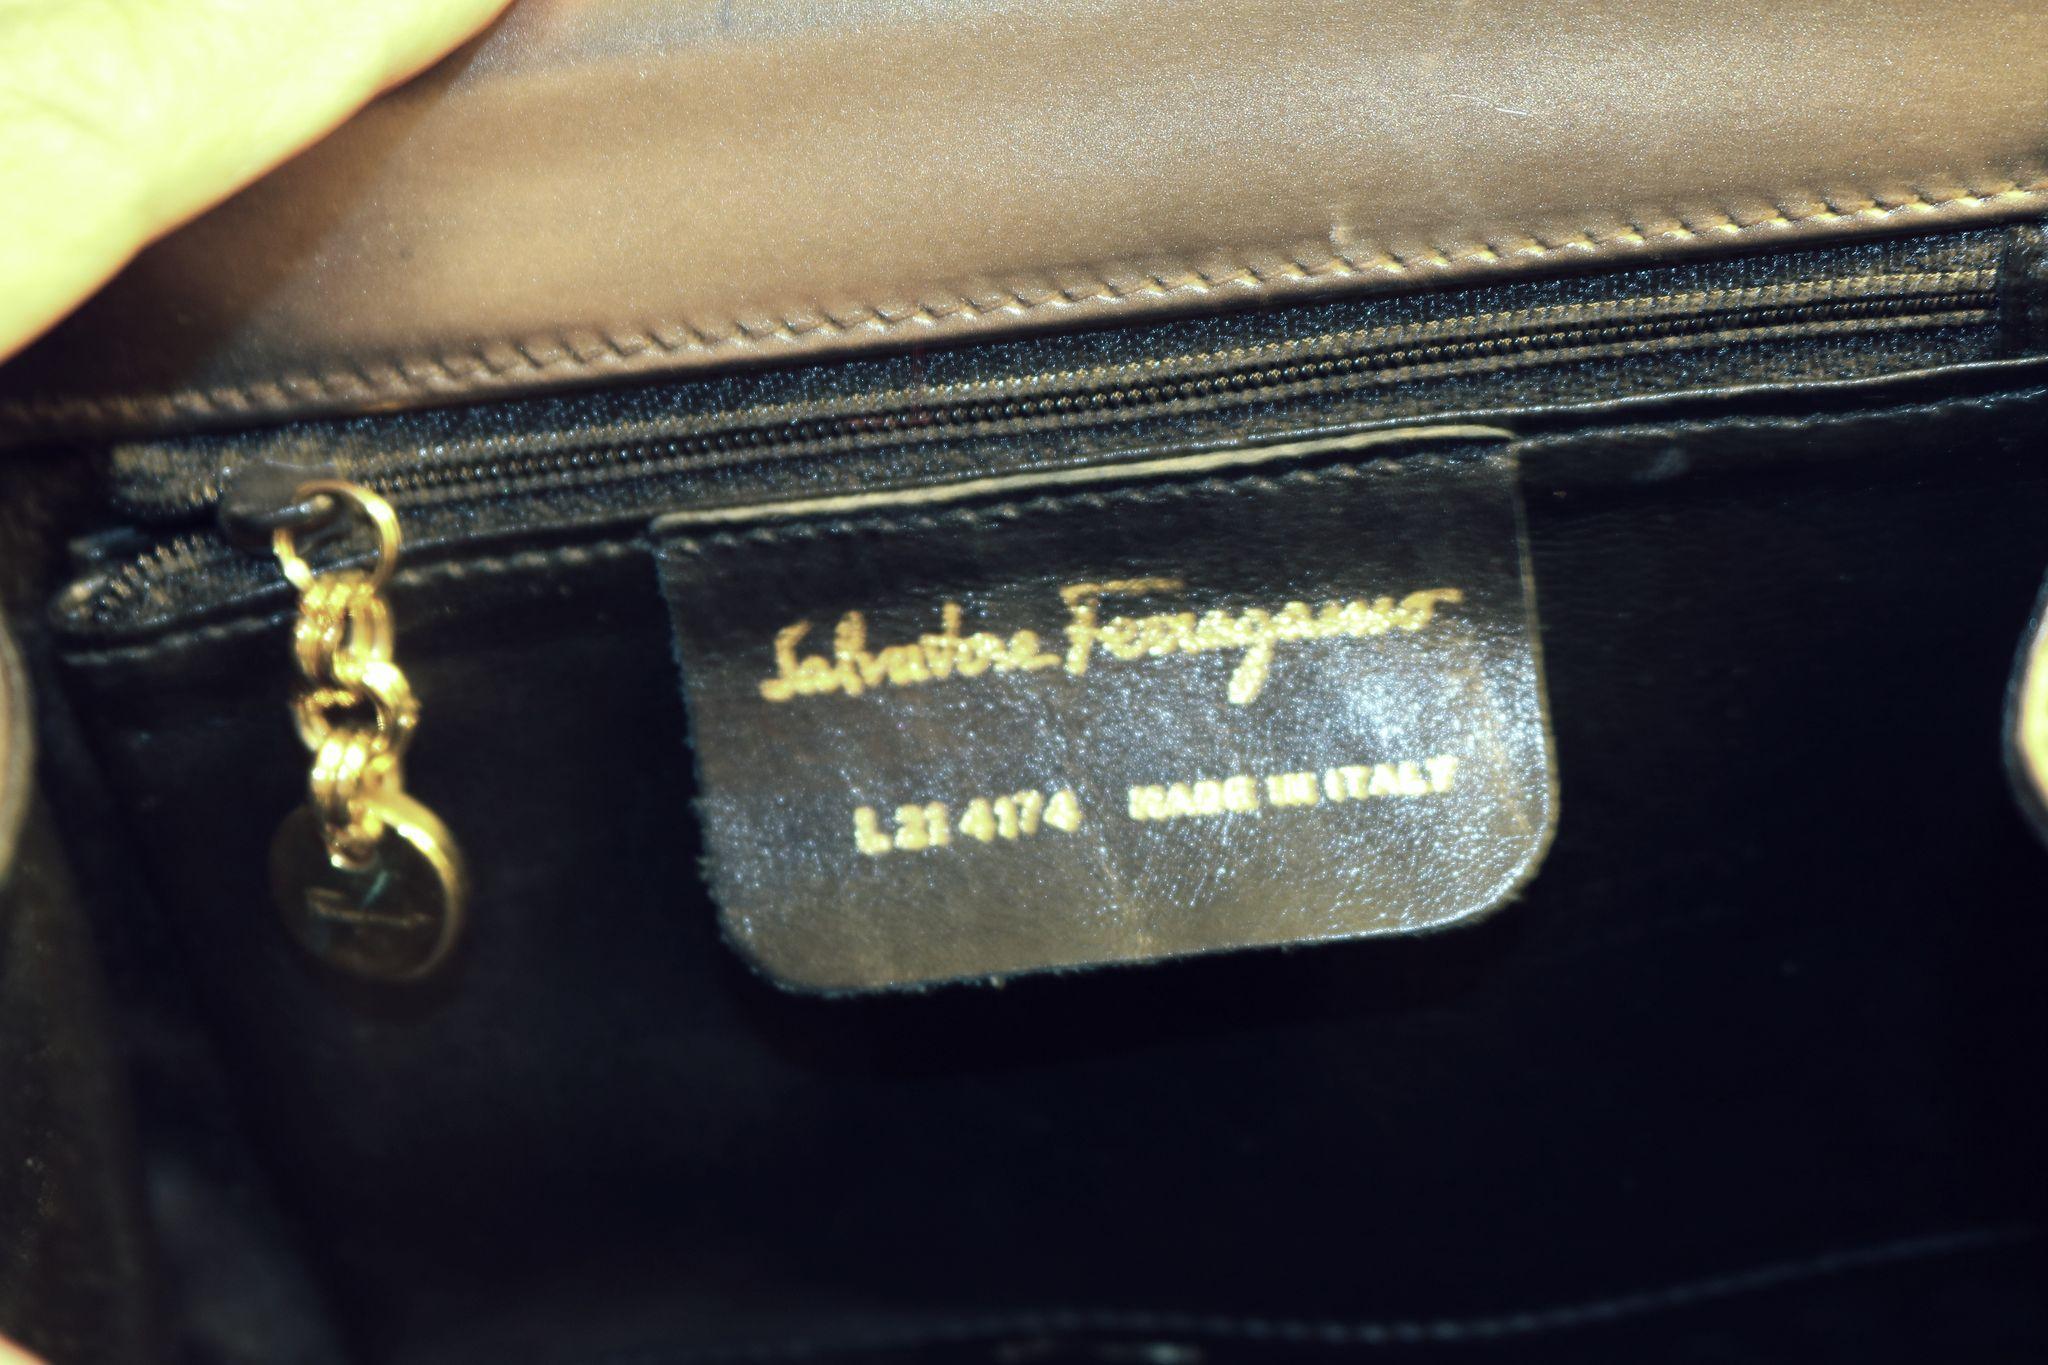 f3c2a54e8dbc Salvatore Ferragamo Handbag Serial Number - Best Handbag 2018